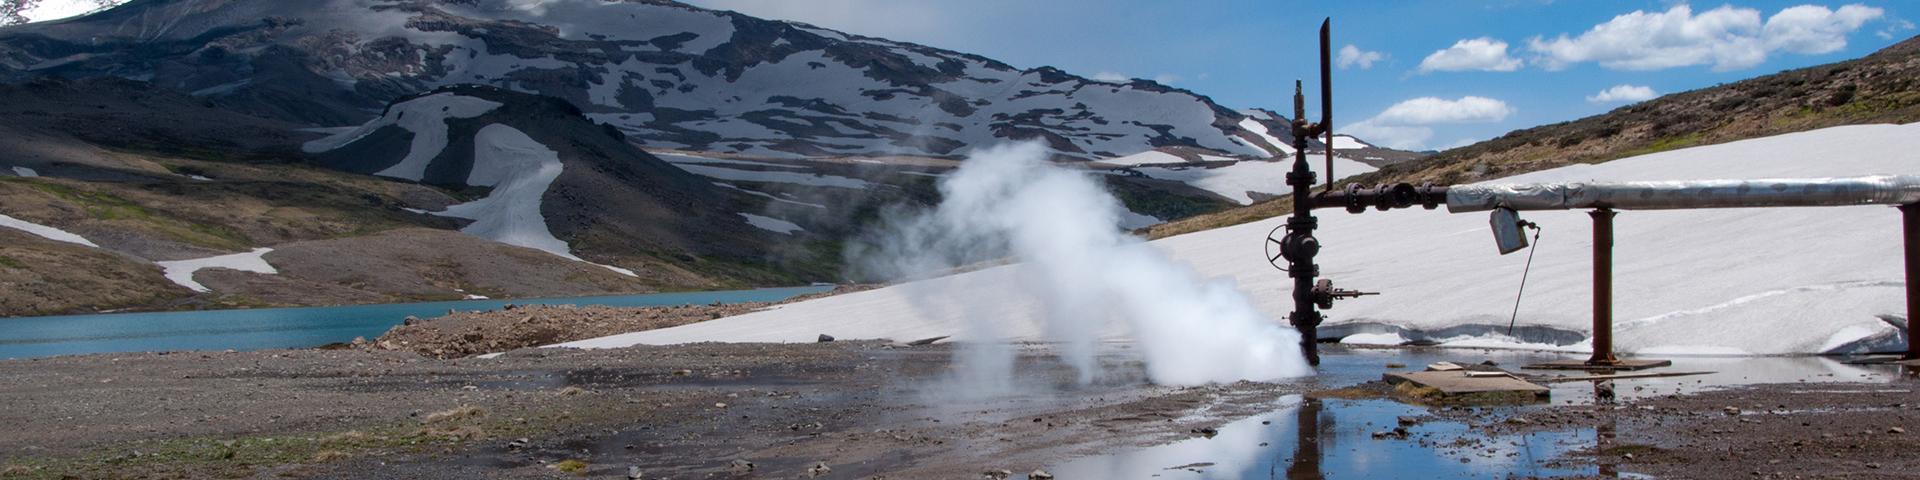 Puits de géothermie, Argentine